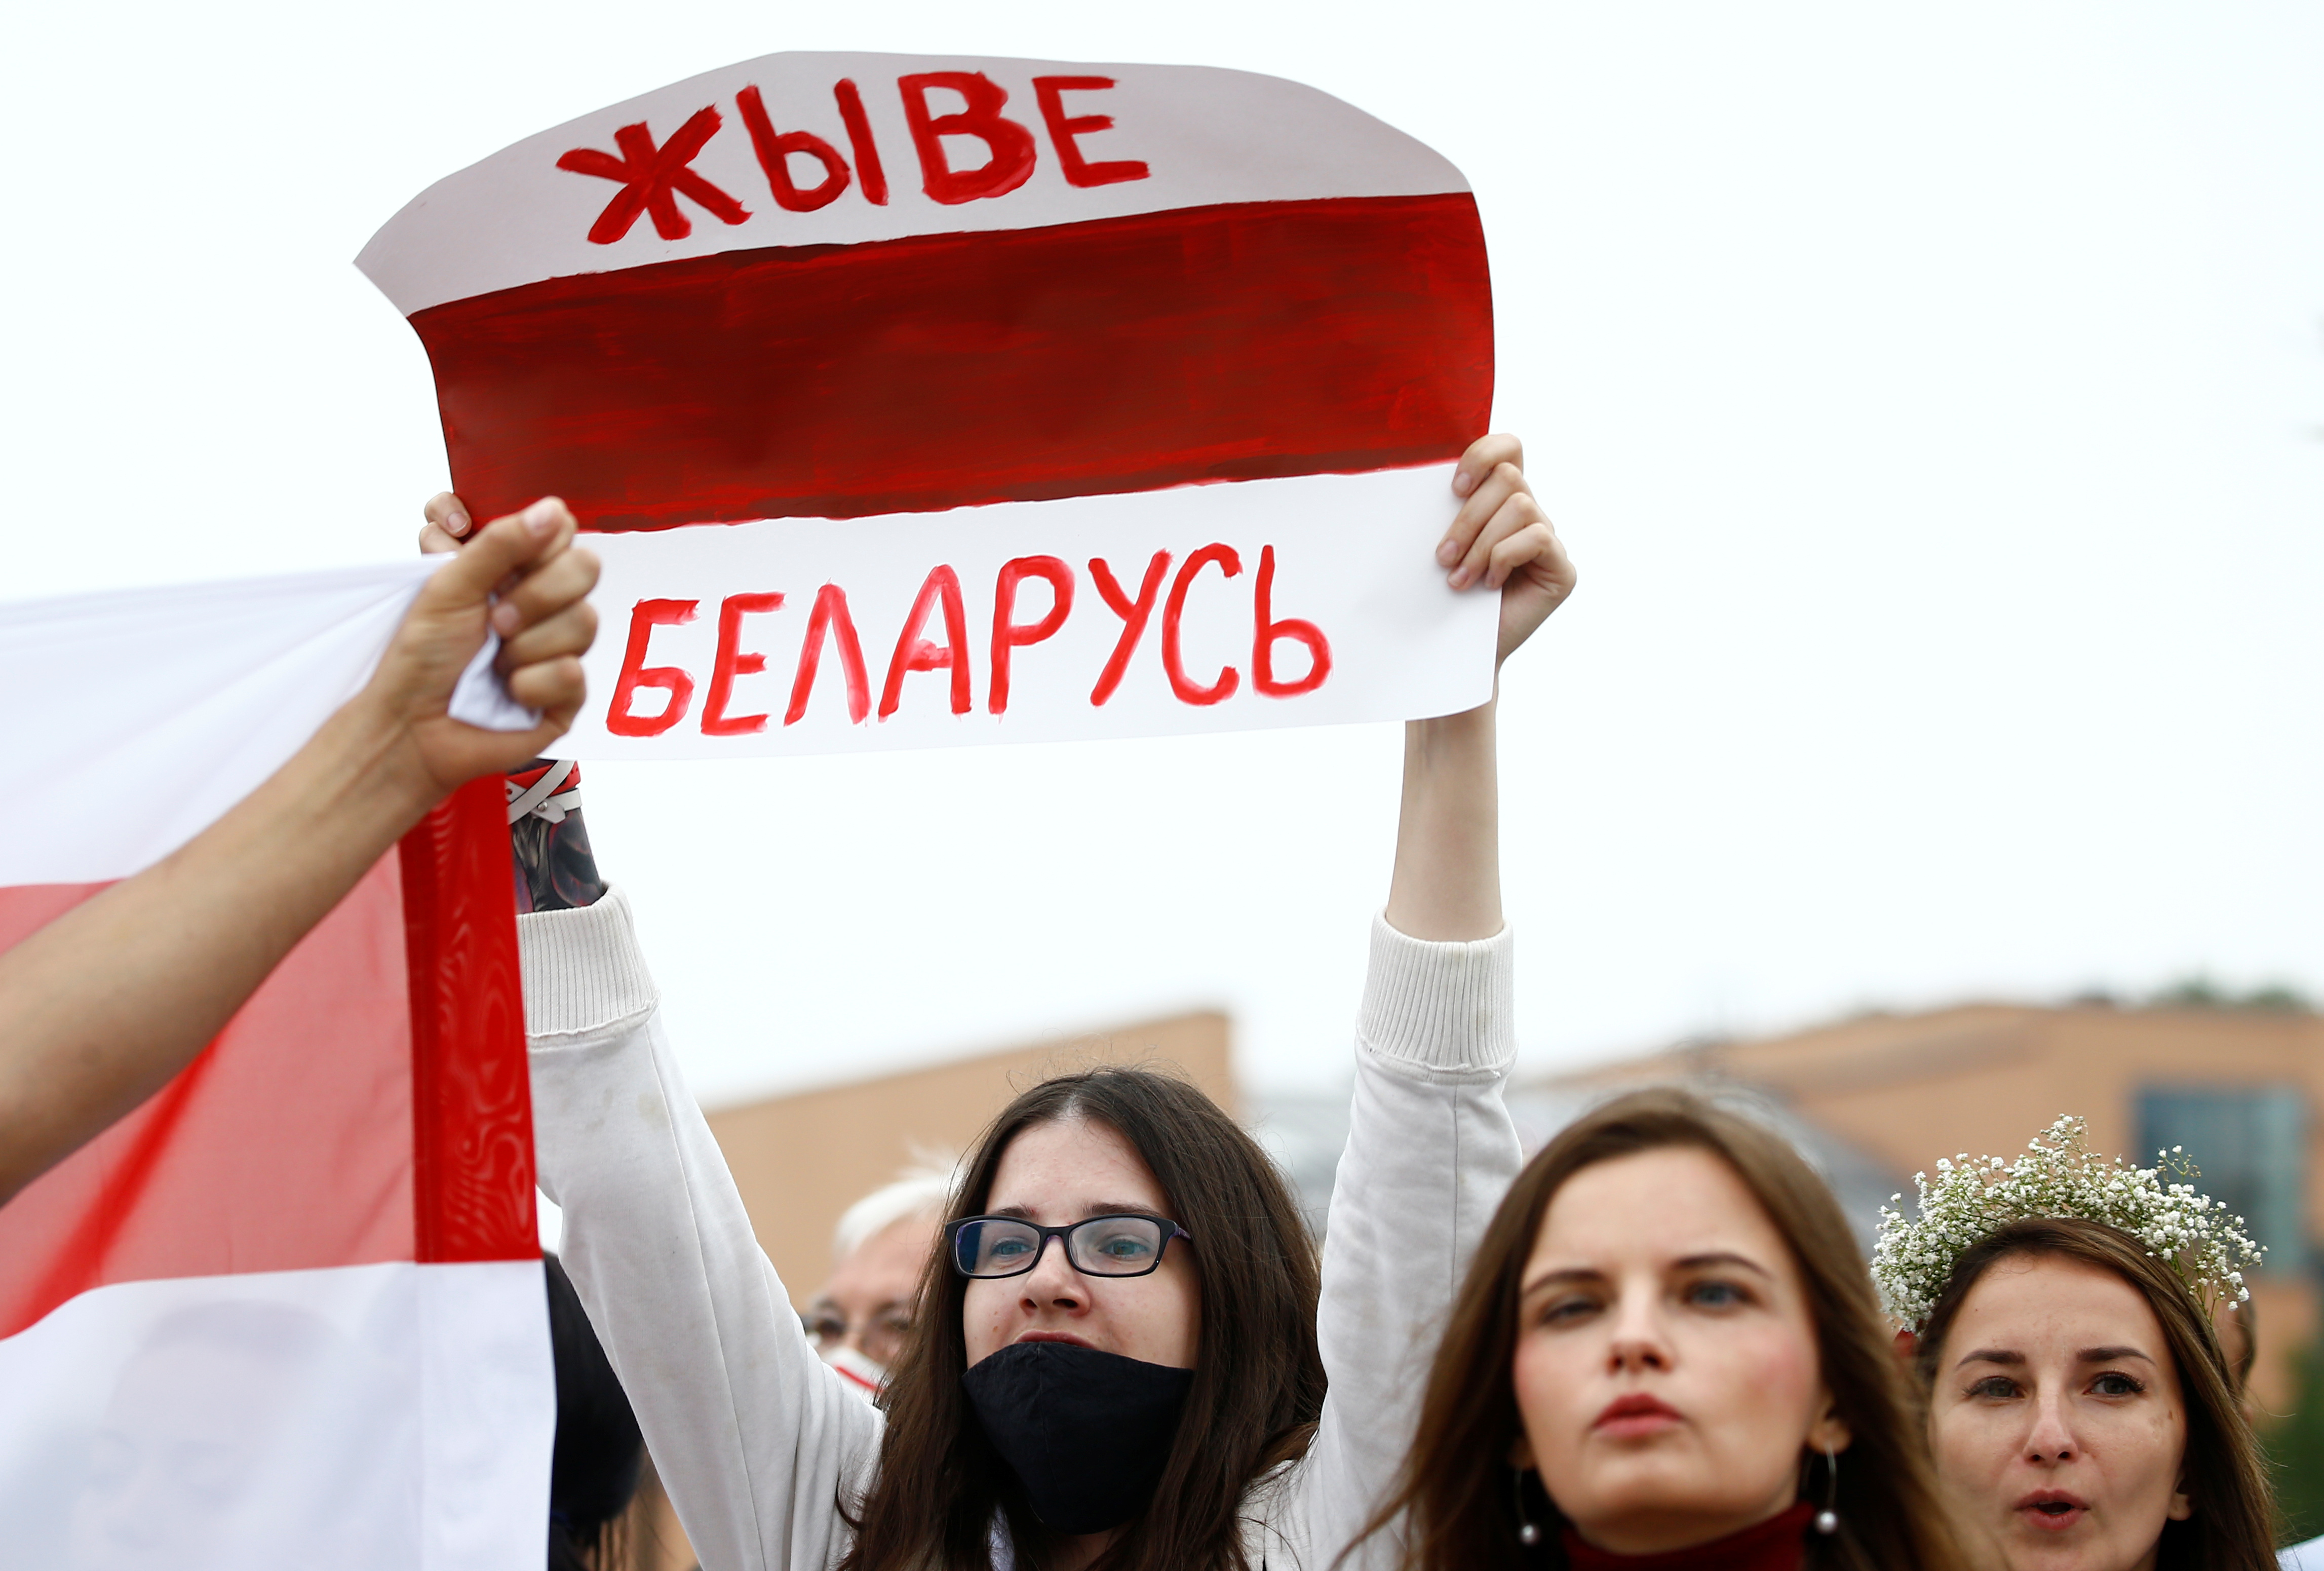 Двум белорусам светит 10-летний срок за надпись на тротуаре